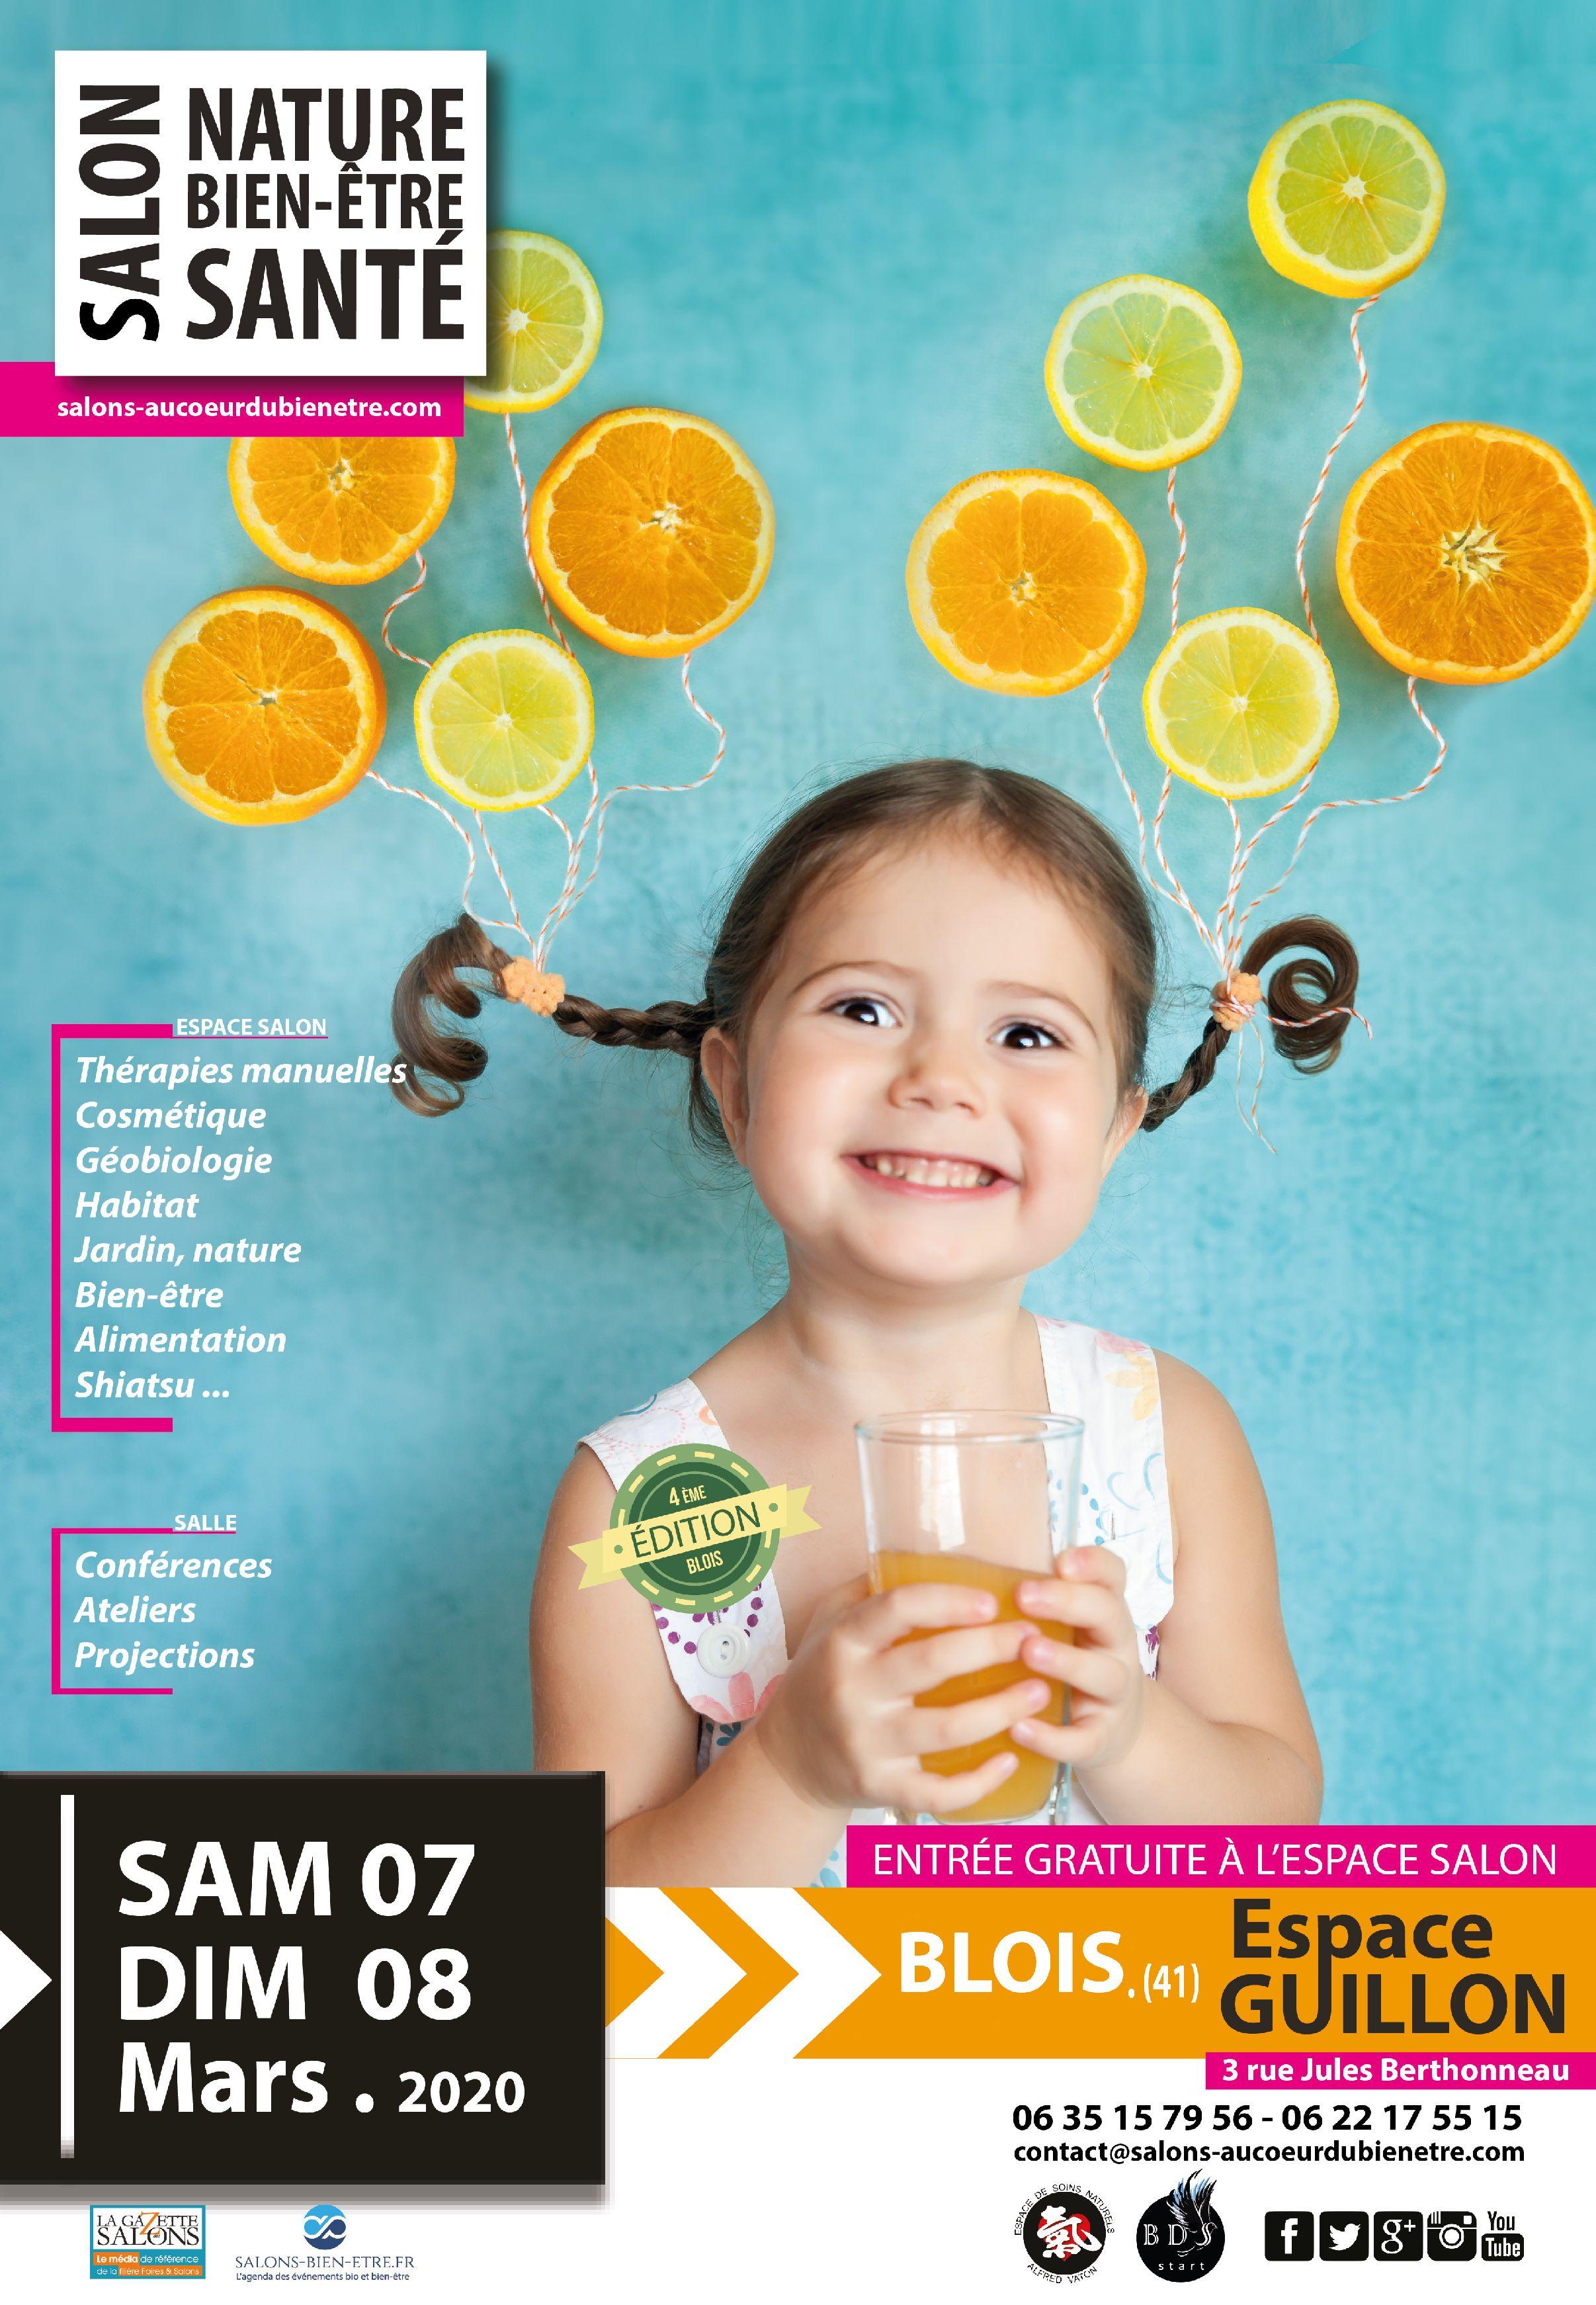 Calendrier Des Salons Bien Etre 2020.Salon Nature Bien Etre Et Sante Blois Blois Le 07 03